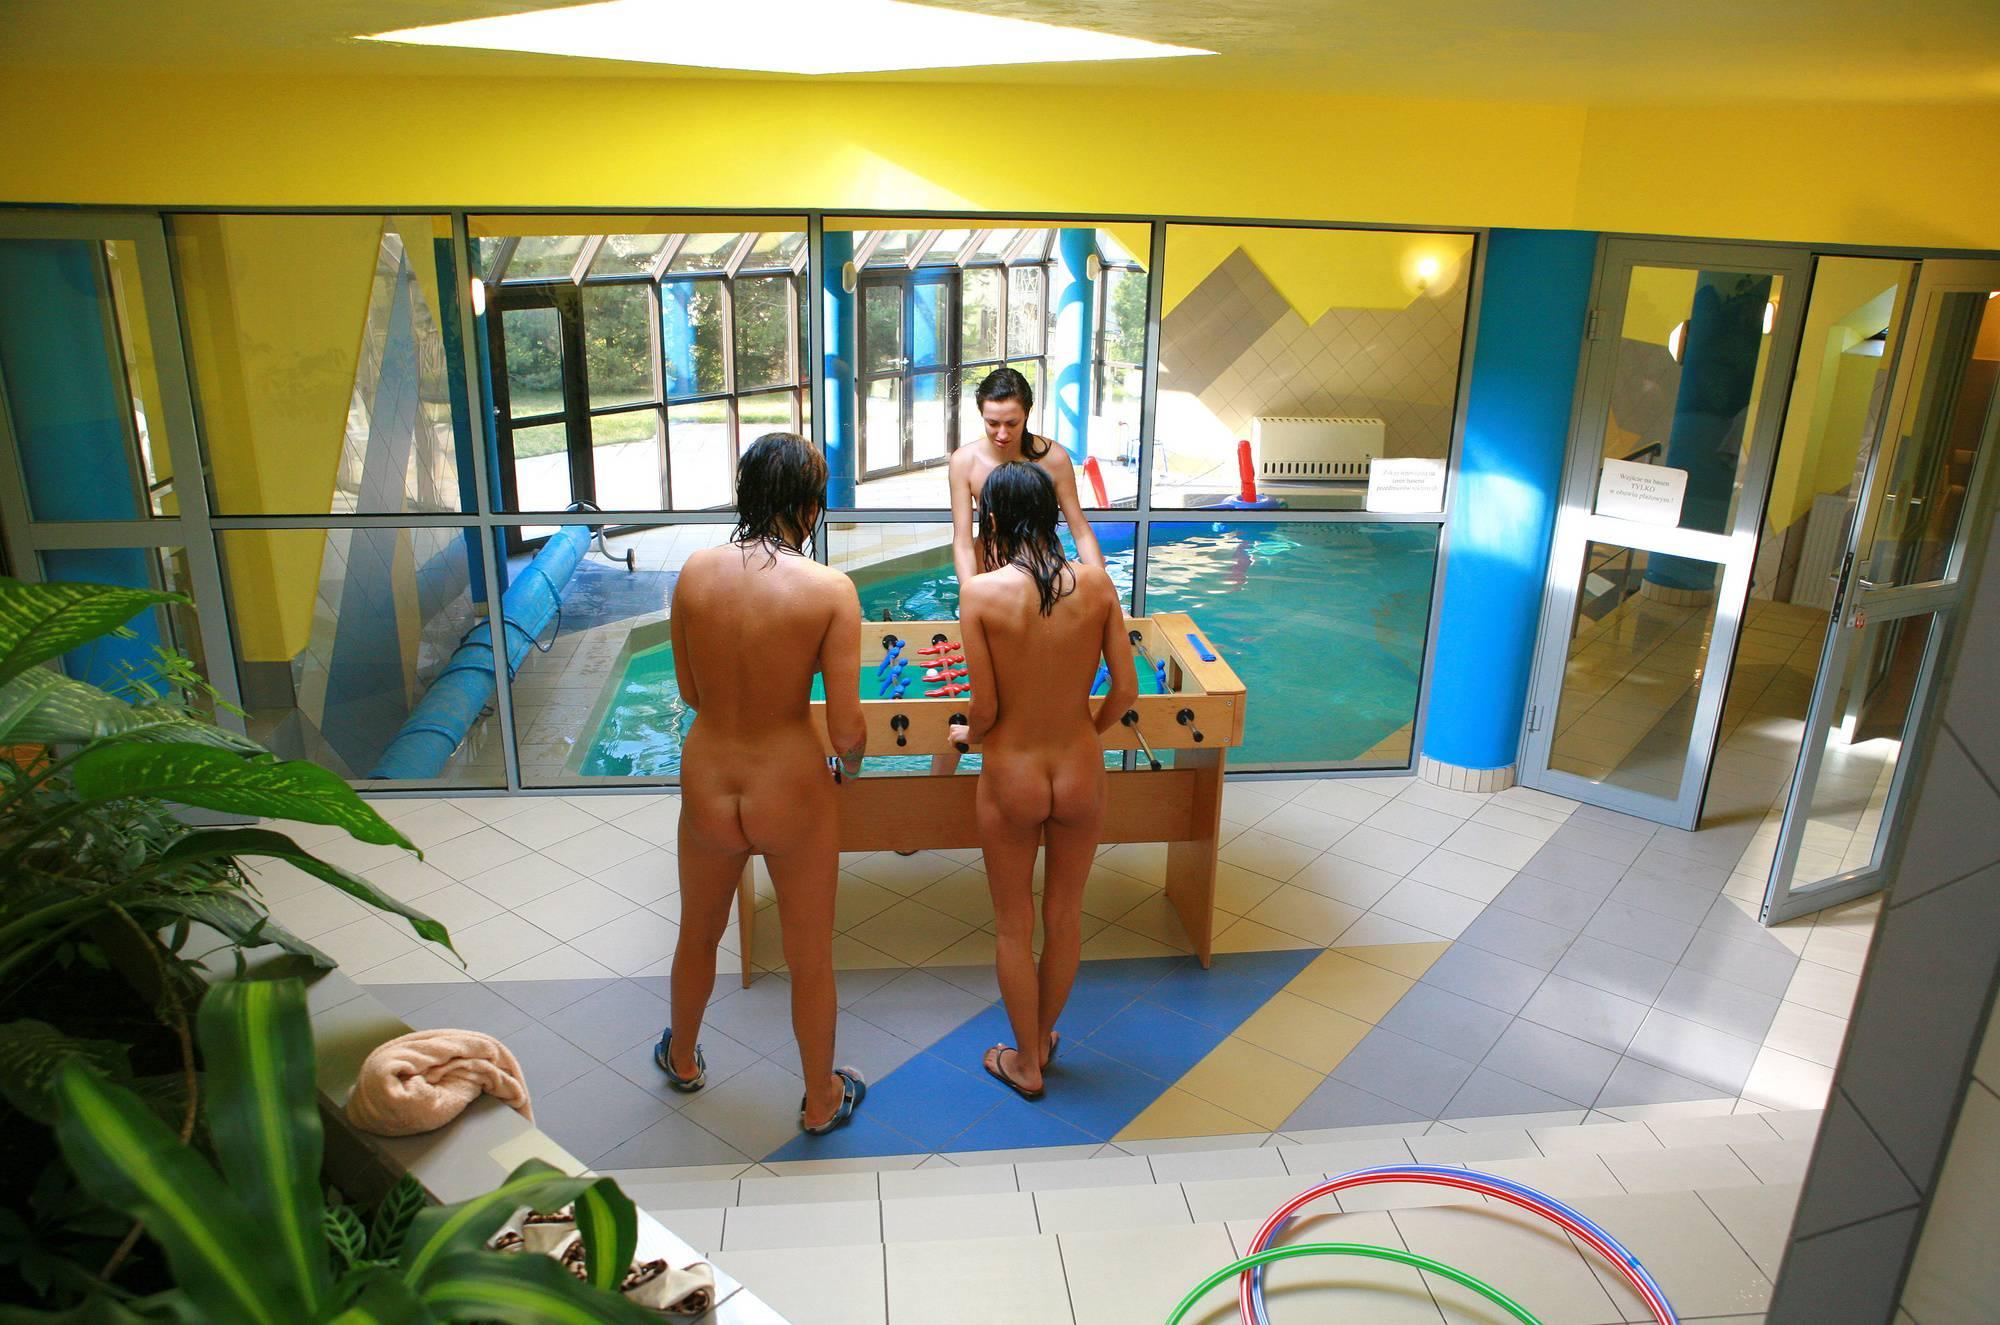 Girl's Rec-Room Games - 3